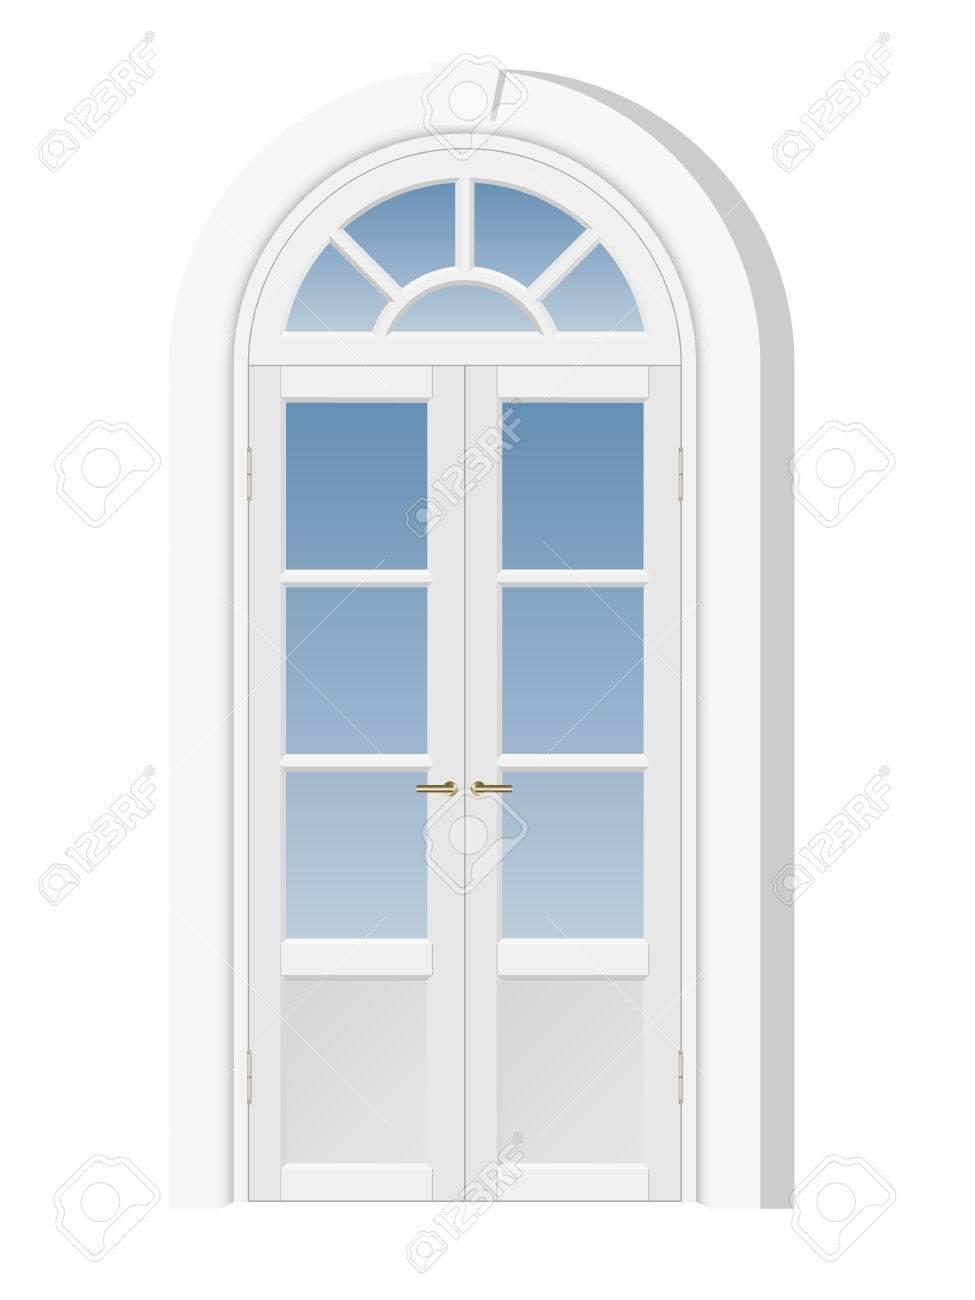 Weiße Tür Mit Oberlicht, Architekturelement Lizenzfrei Nutzbare ...